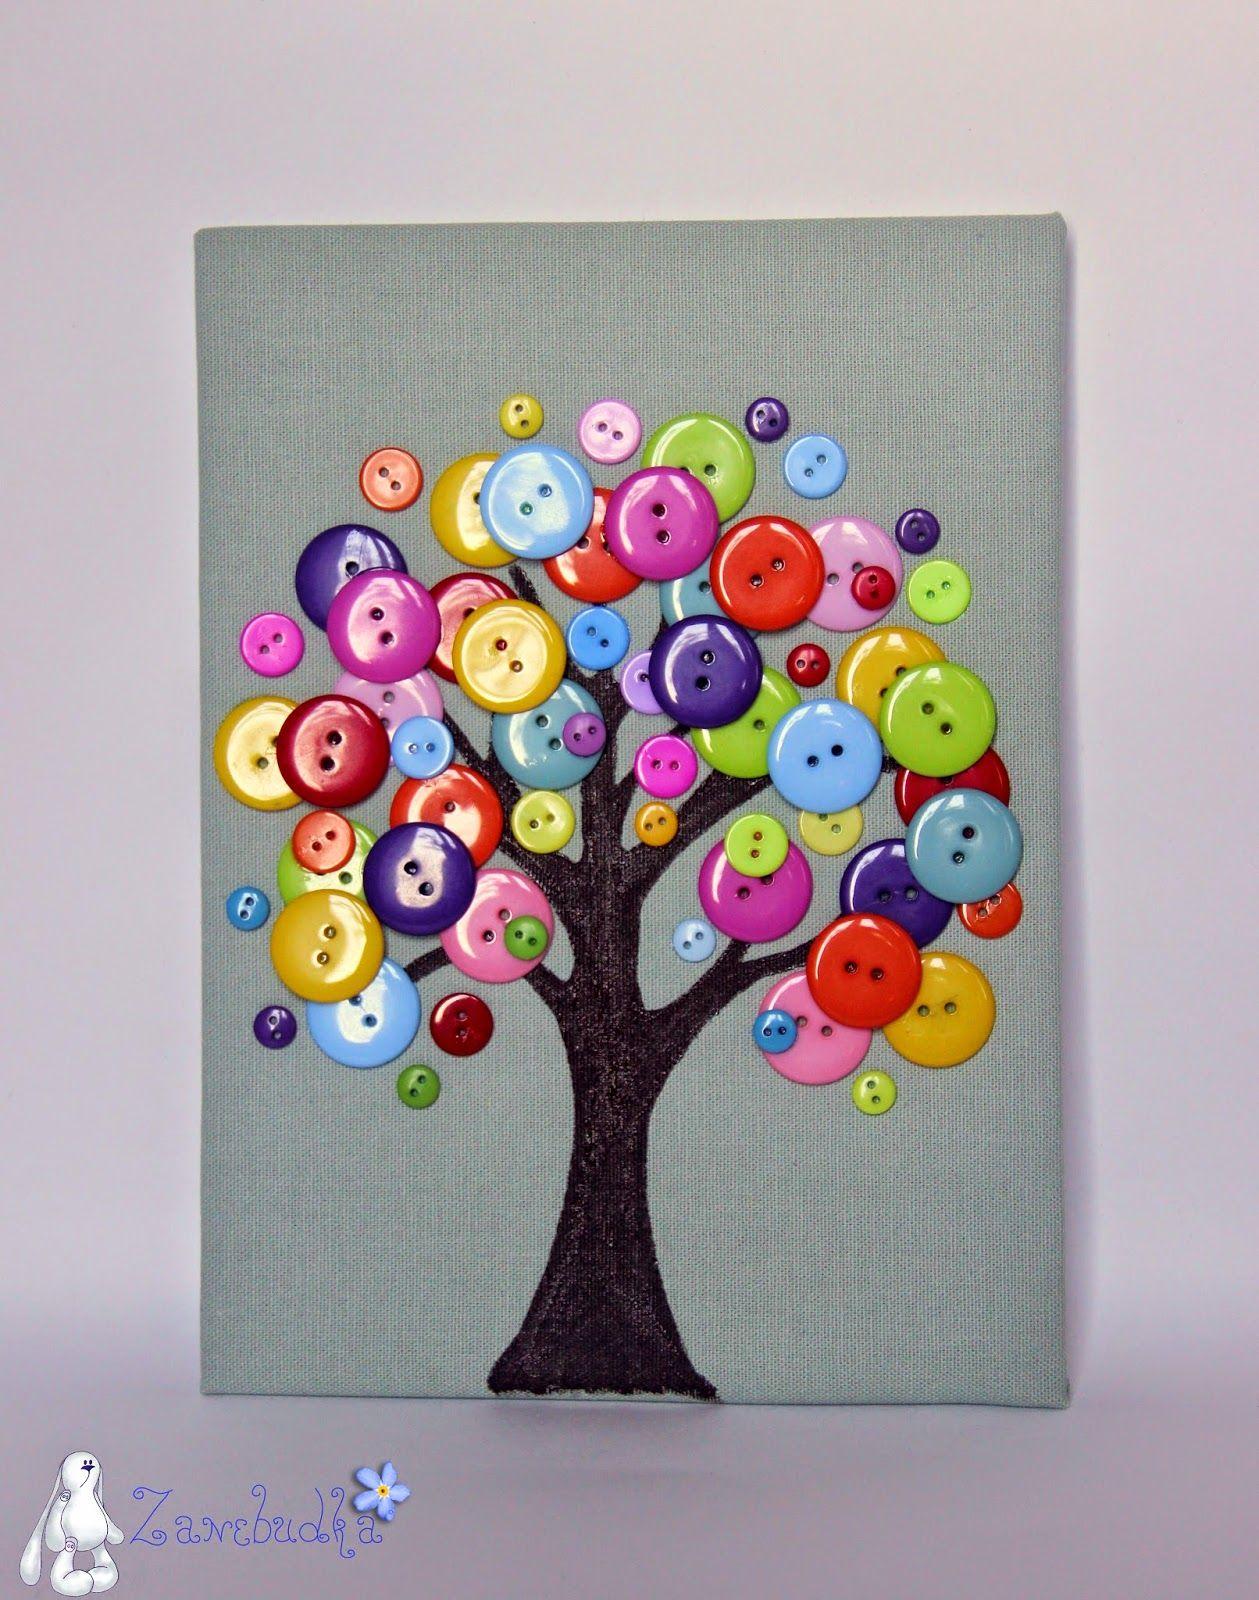 Сделать своими руками открытку из пуговиц своими руками, днем рождения